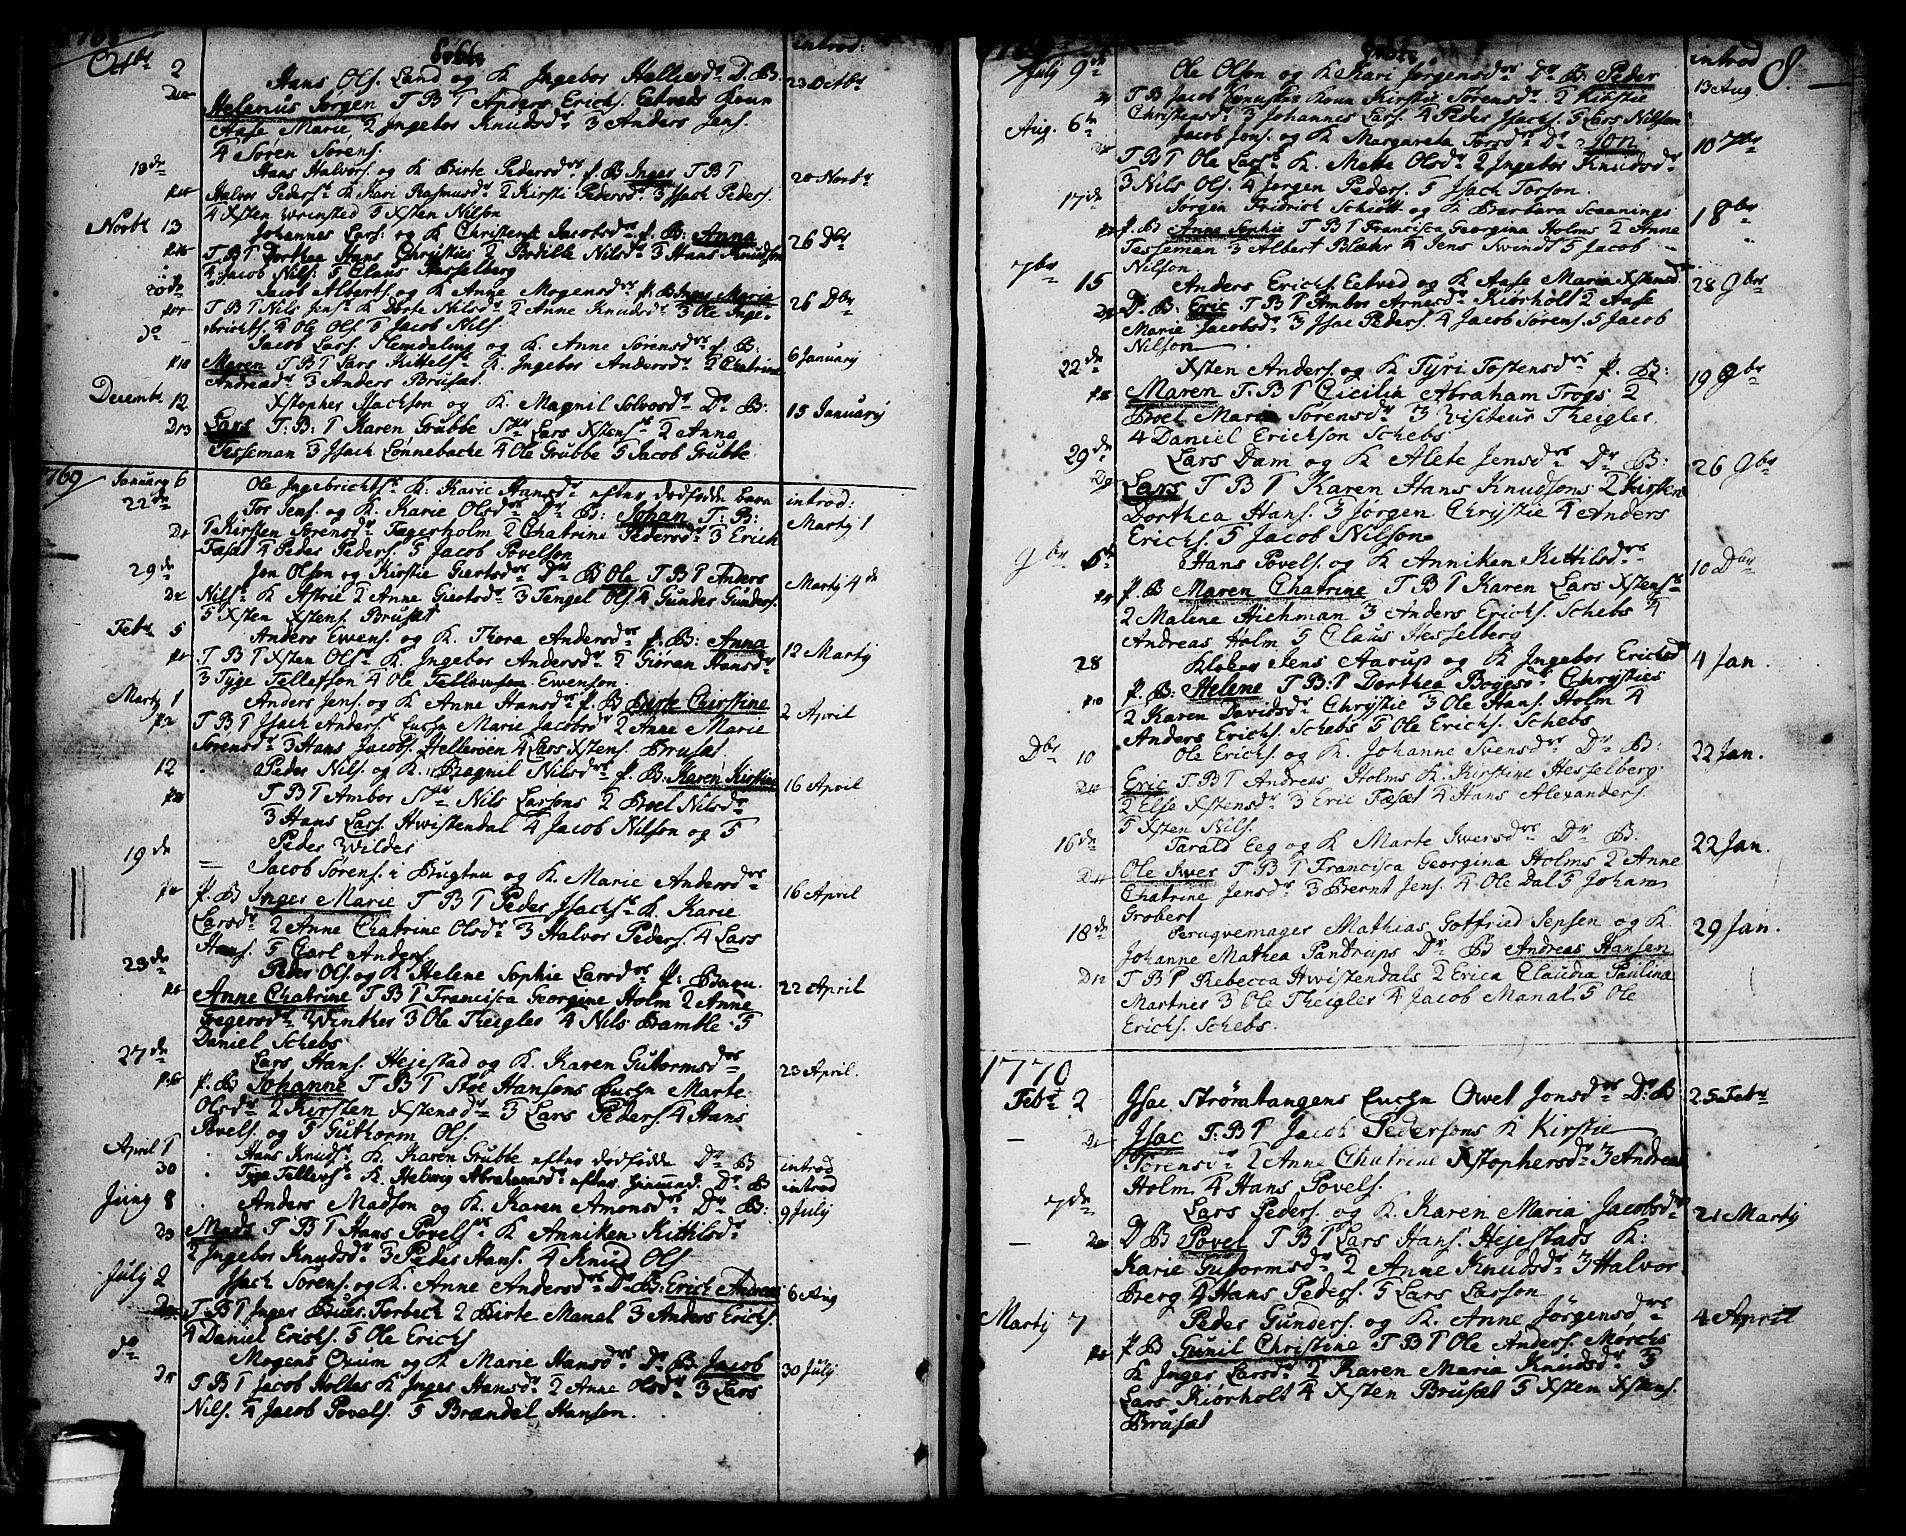 SAKO, Brevik kirkebøker, F/Fa/L0003: Ministerialbok nr. 3, 1764-1814, s. 8